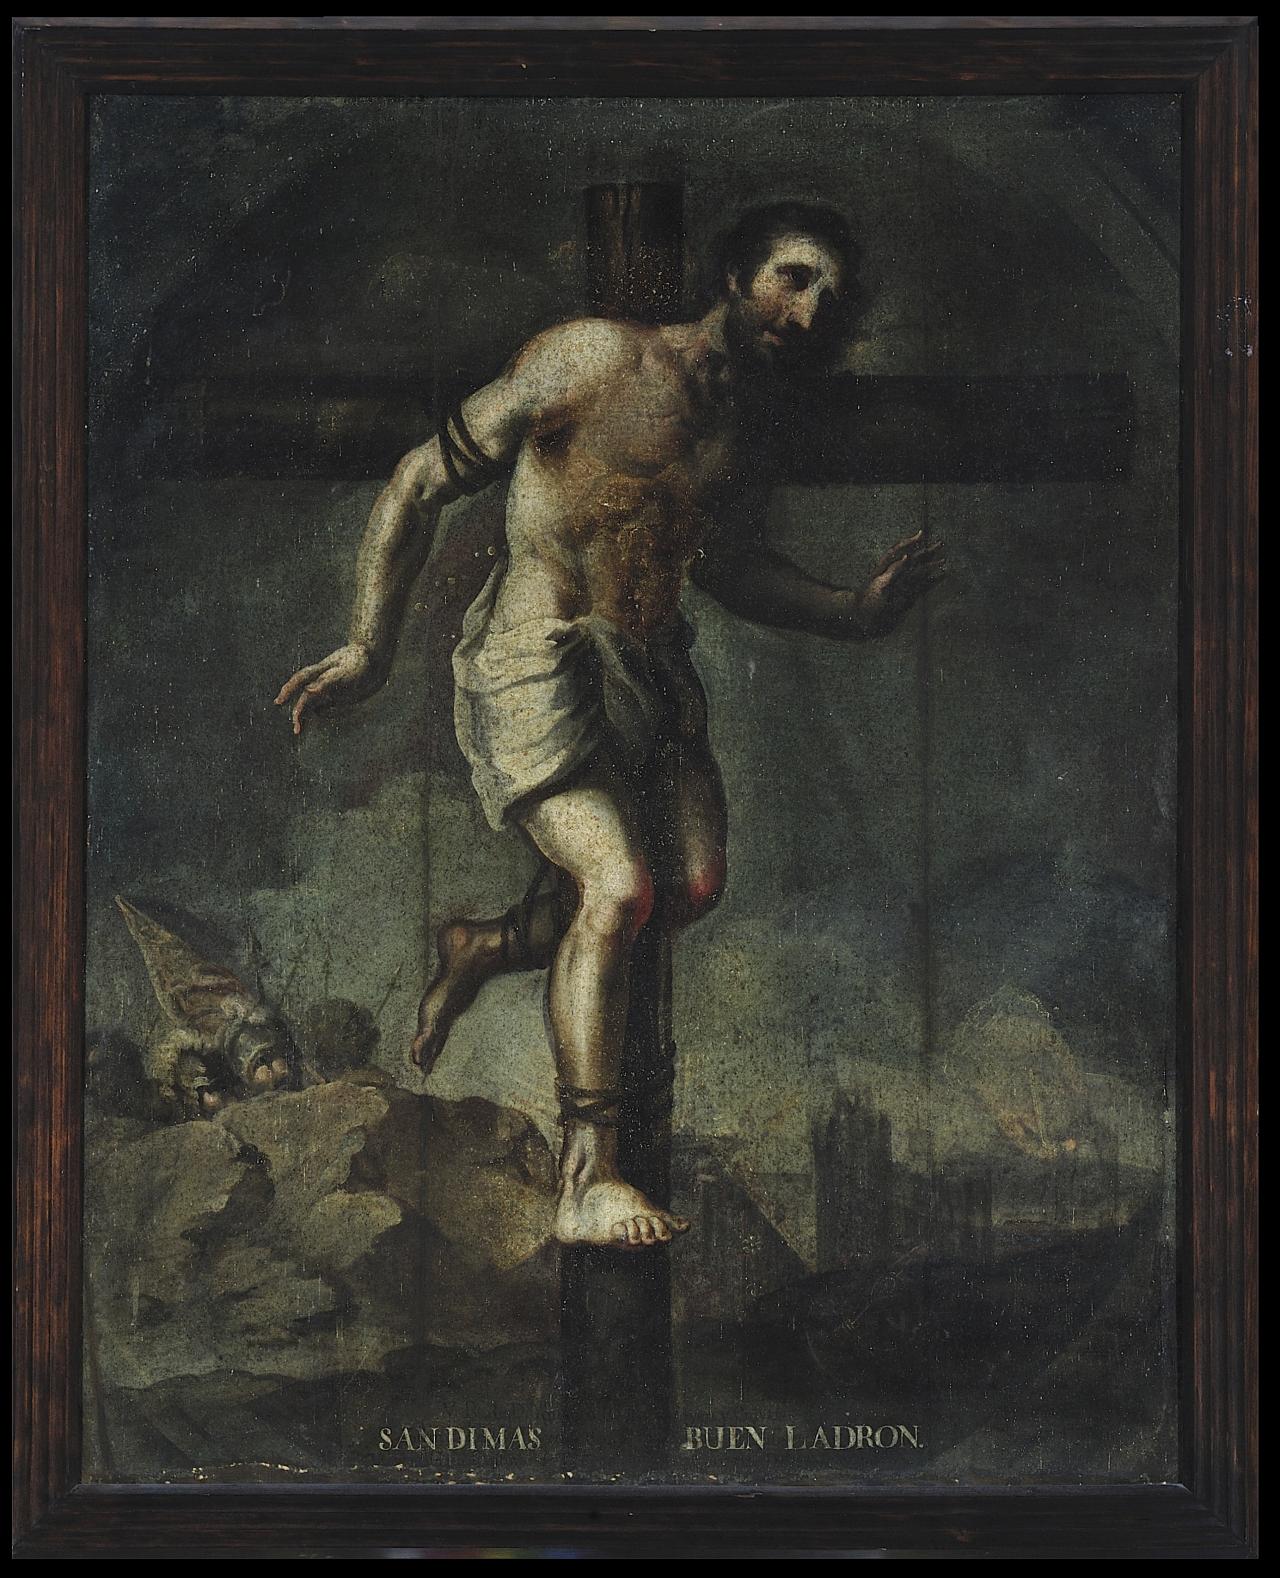 San Dimas | Creación y restauración: lo singular y complejo del arte | Museo Amparo, Puebla